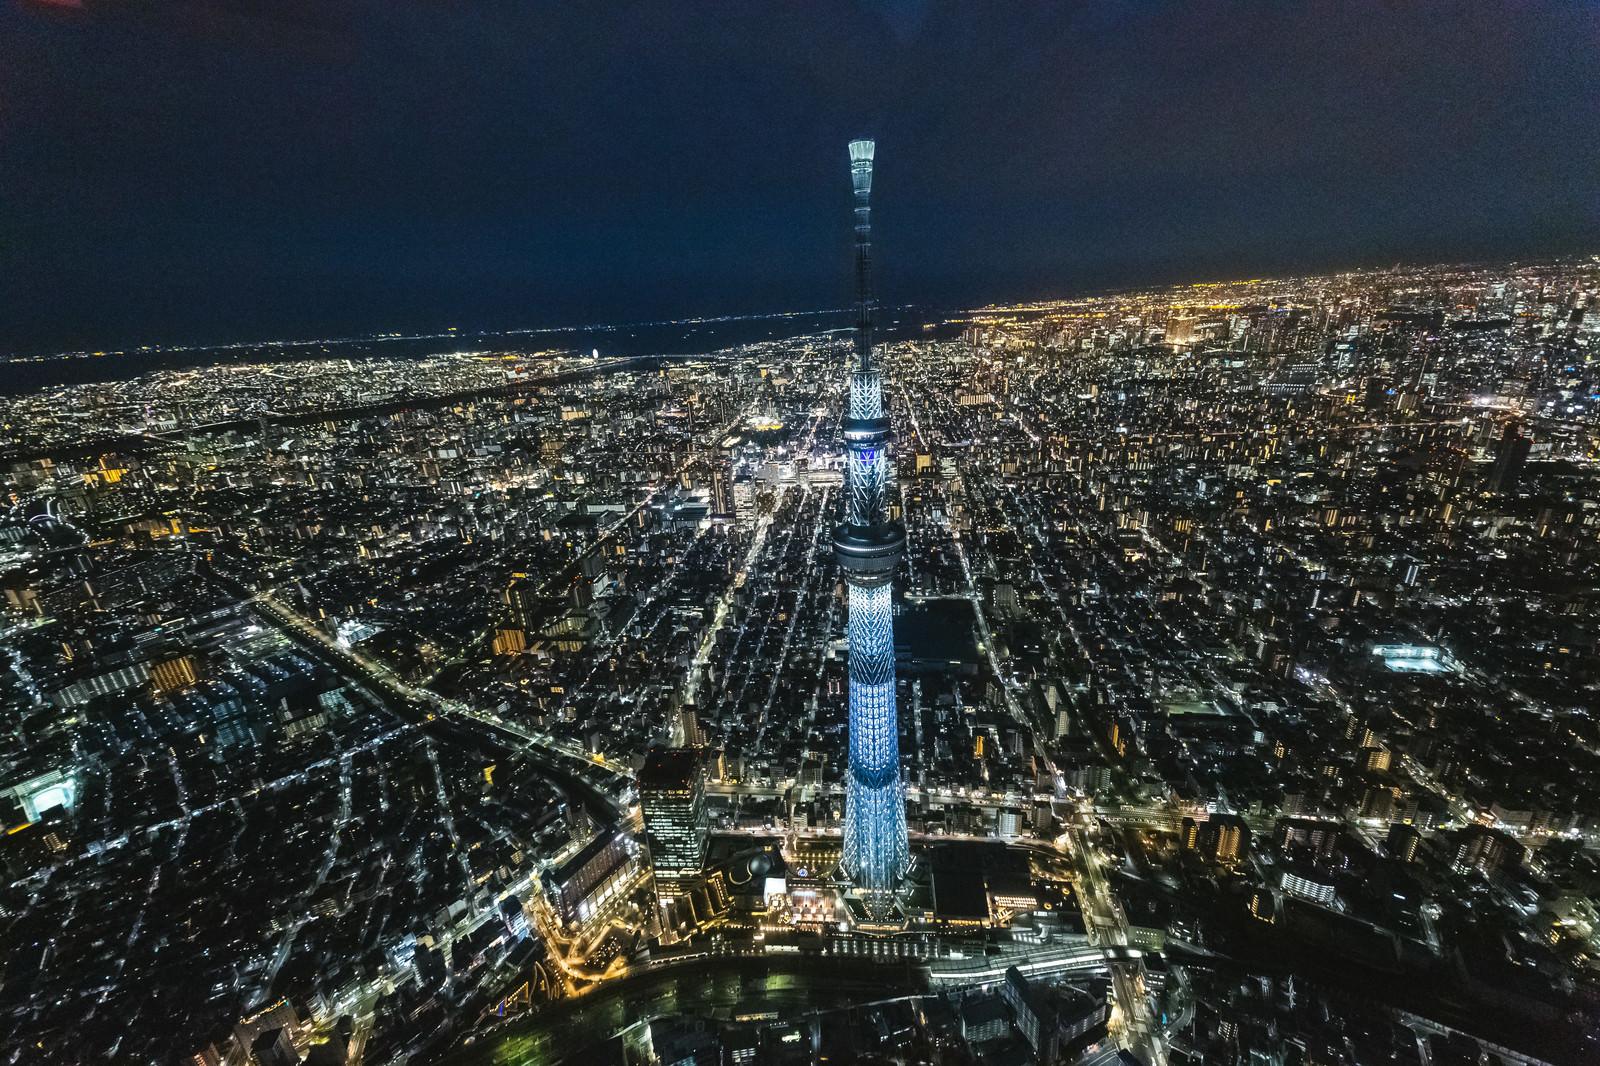 「東京スカイツリーと同じ高さ(上空)から夜景撮影」の写真